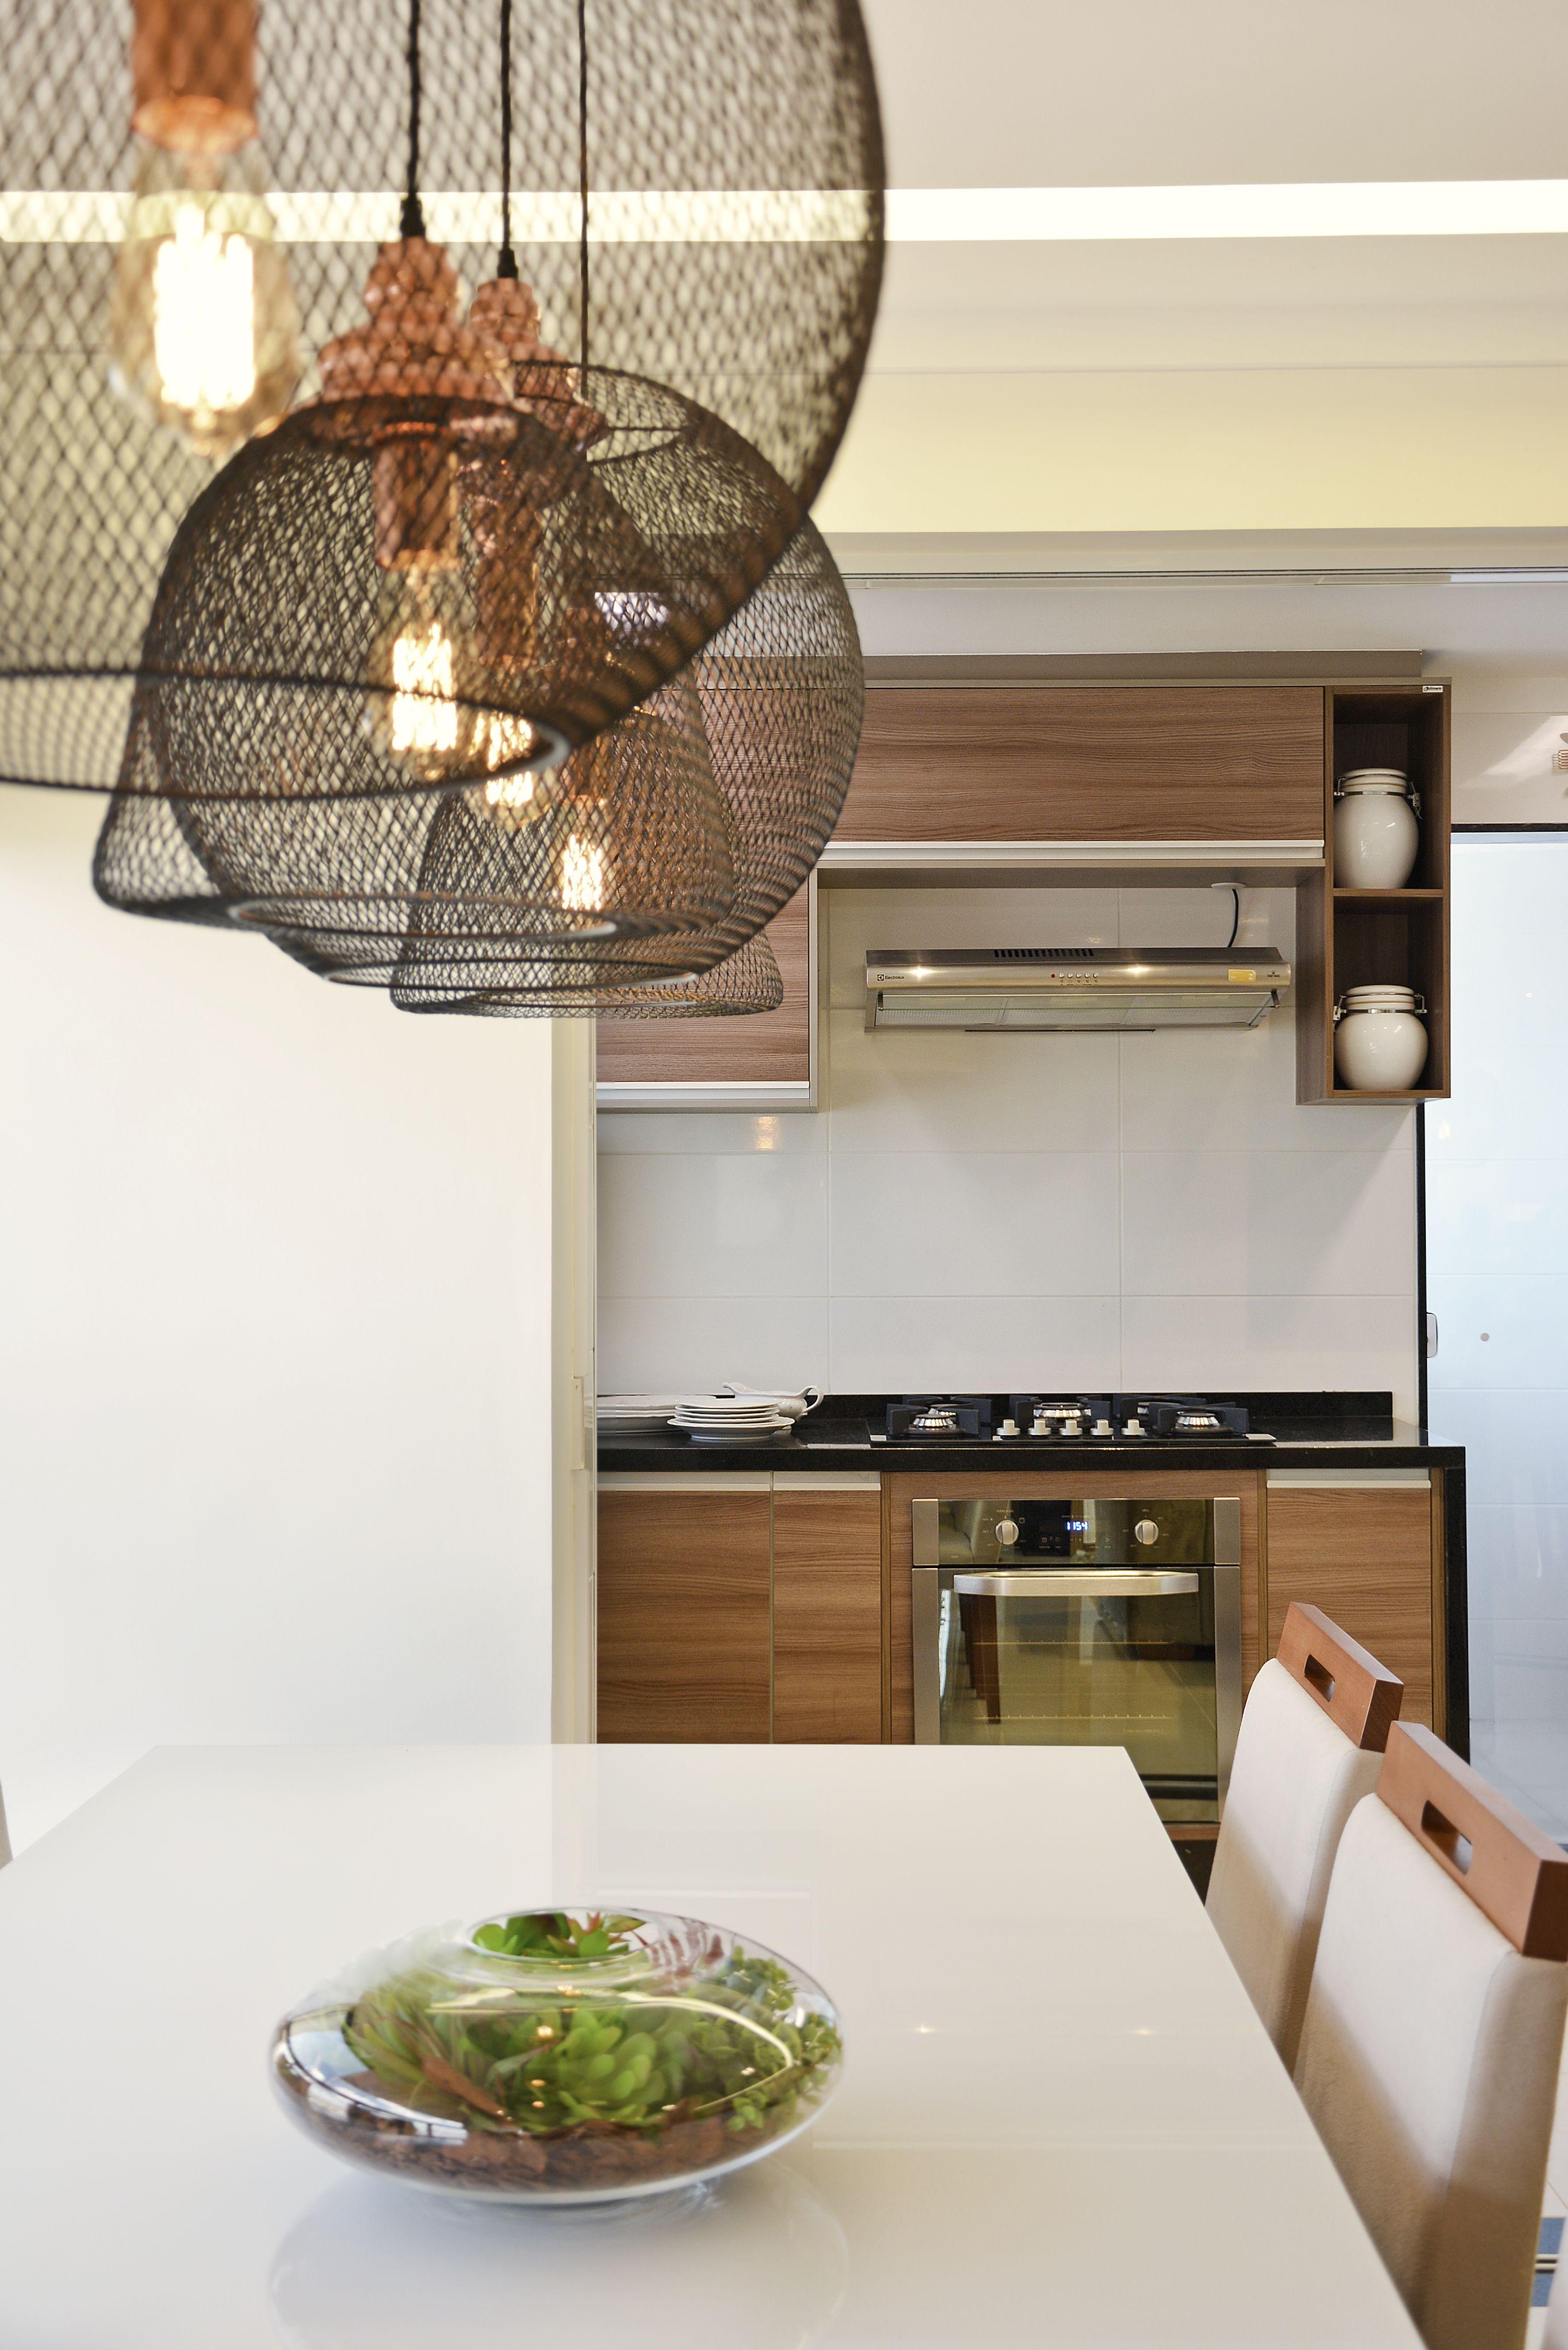 Luxury Interior Design 2018 Cozinhas De Luxo Bela Cozinha Cozinhas